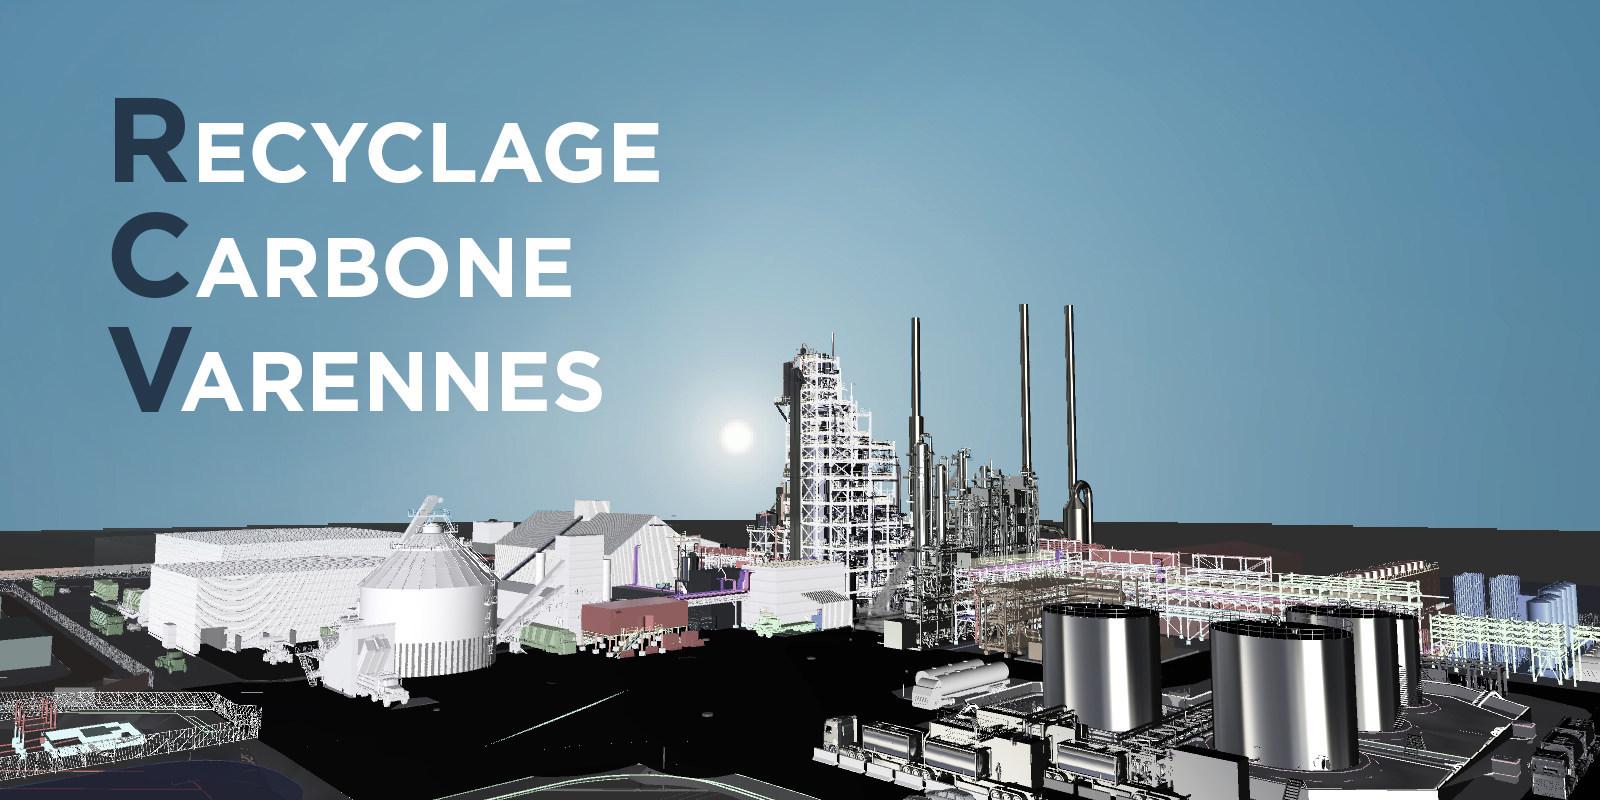 Implantation d'une usine de biocarburants de 875 M$ à Varennes : le plus important projet de l'histoire de la ville